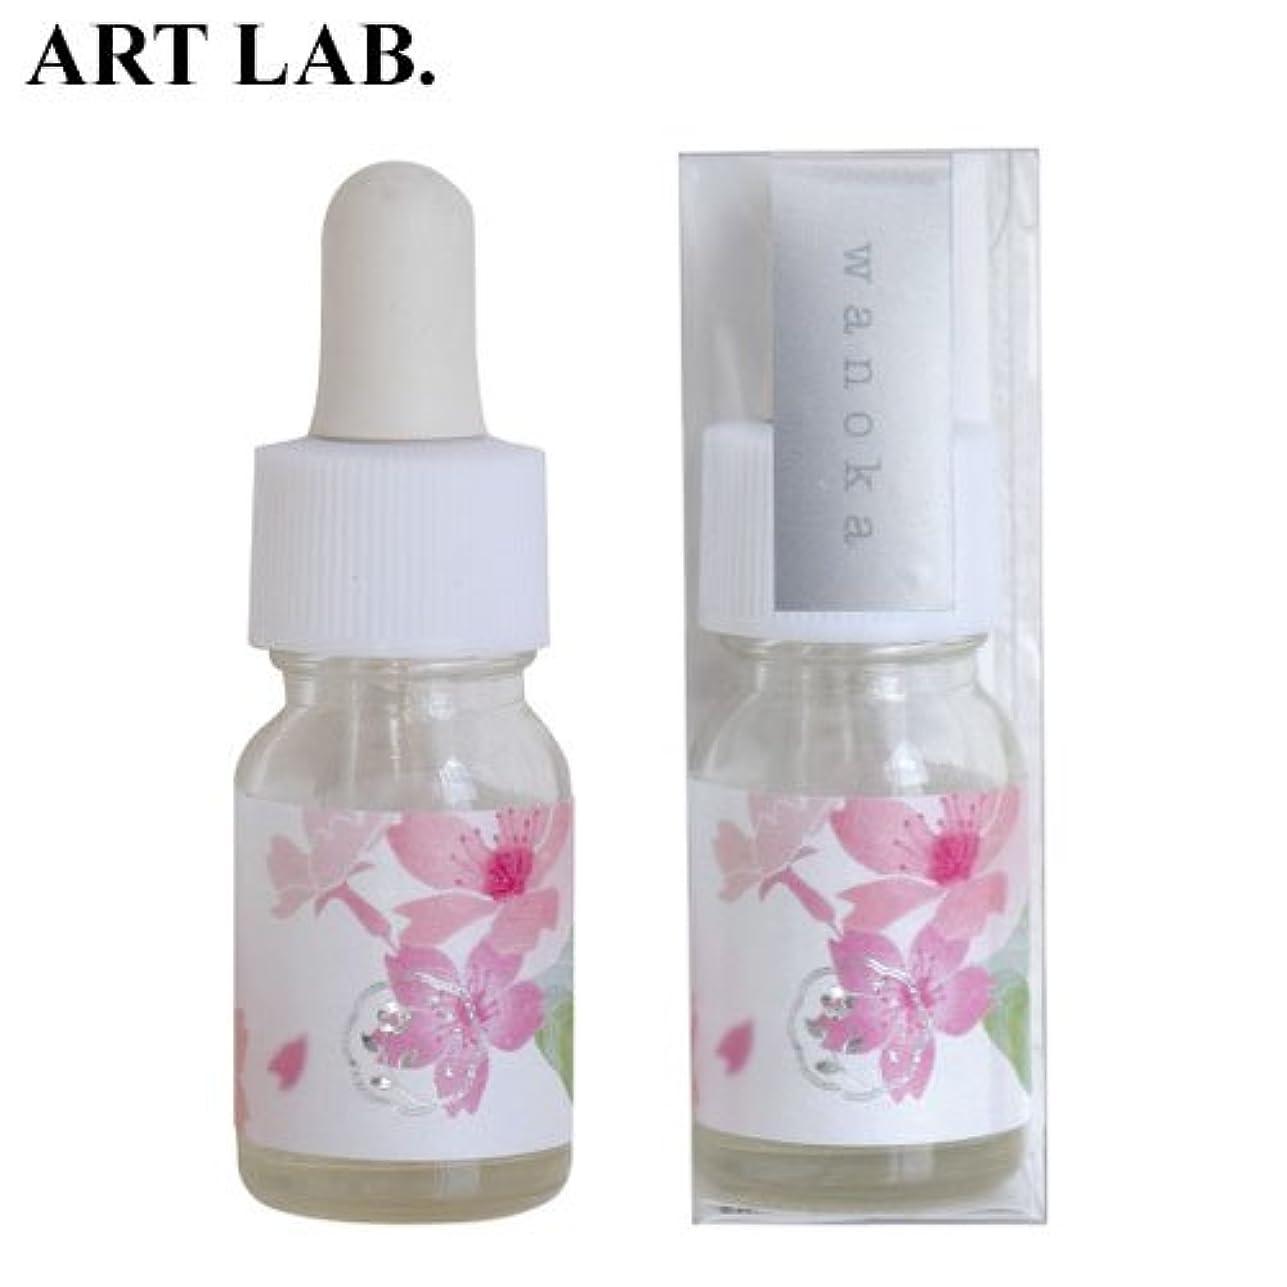 メンバーモーター瞬時にwanoka香油アロマオイル桜《桜をイメージした甘い香り》ART LABAromatic oil